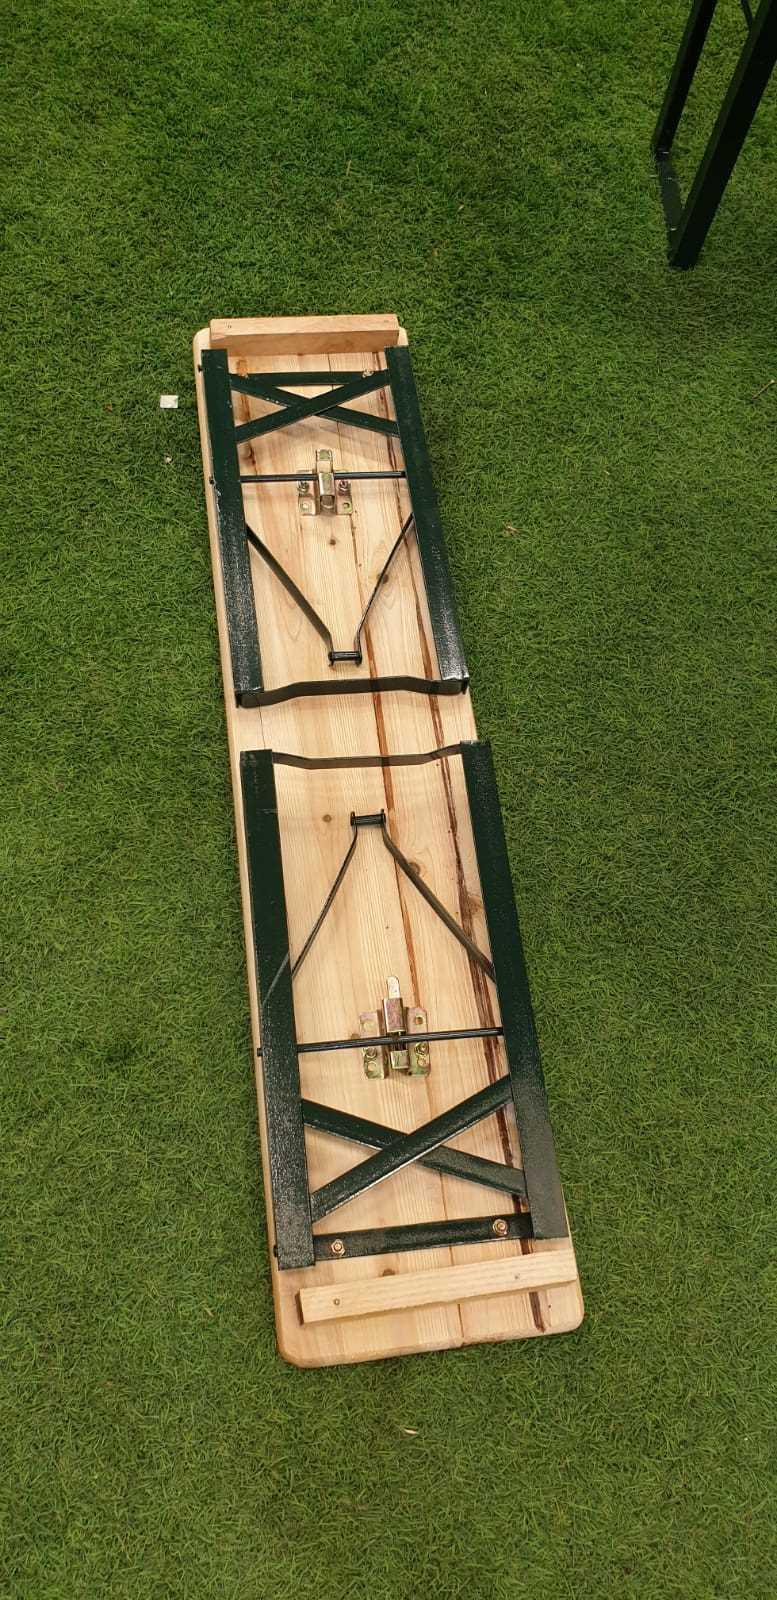 סט מתקפל שולחן עץ/מתכת + 4 ספסלים דגם 498911 - תמונה 4